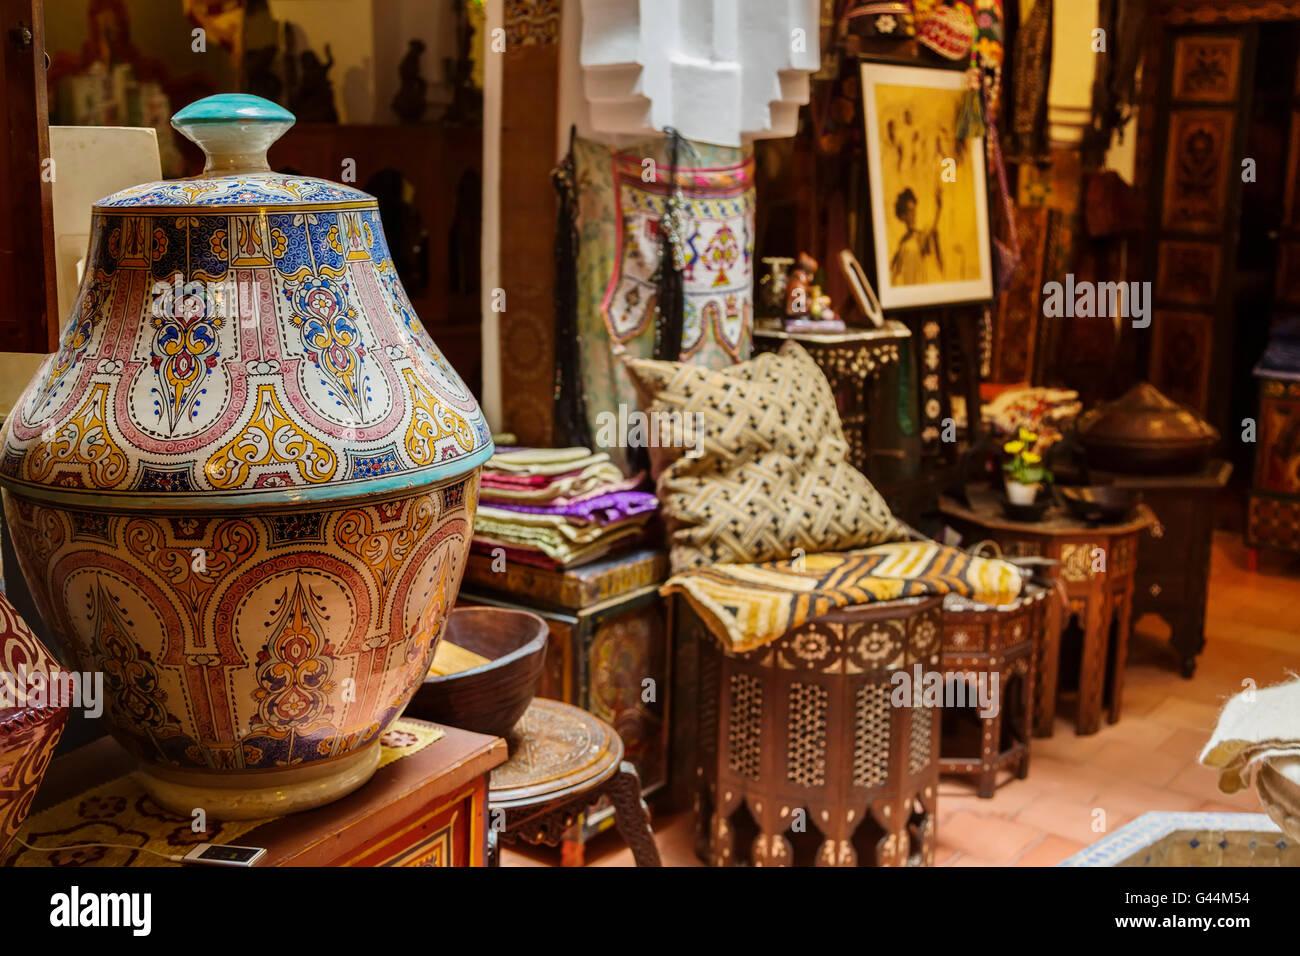 Anticuario y tienda de souvenirs. Medina Grand Soco, el gran zoco, casco antiguo de la ciudad de Tánger. Marruecos Imagen De Stock